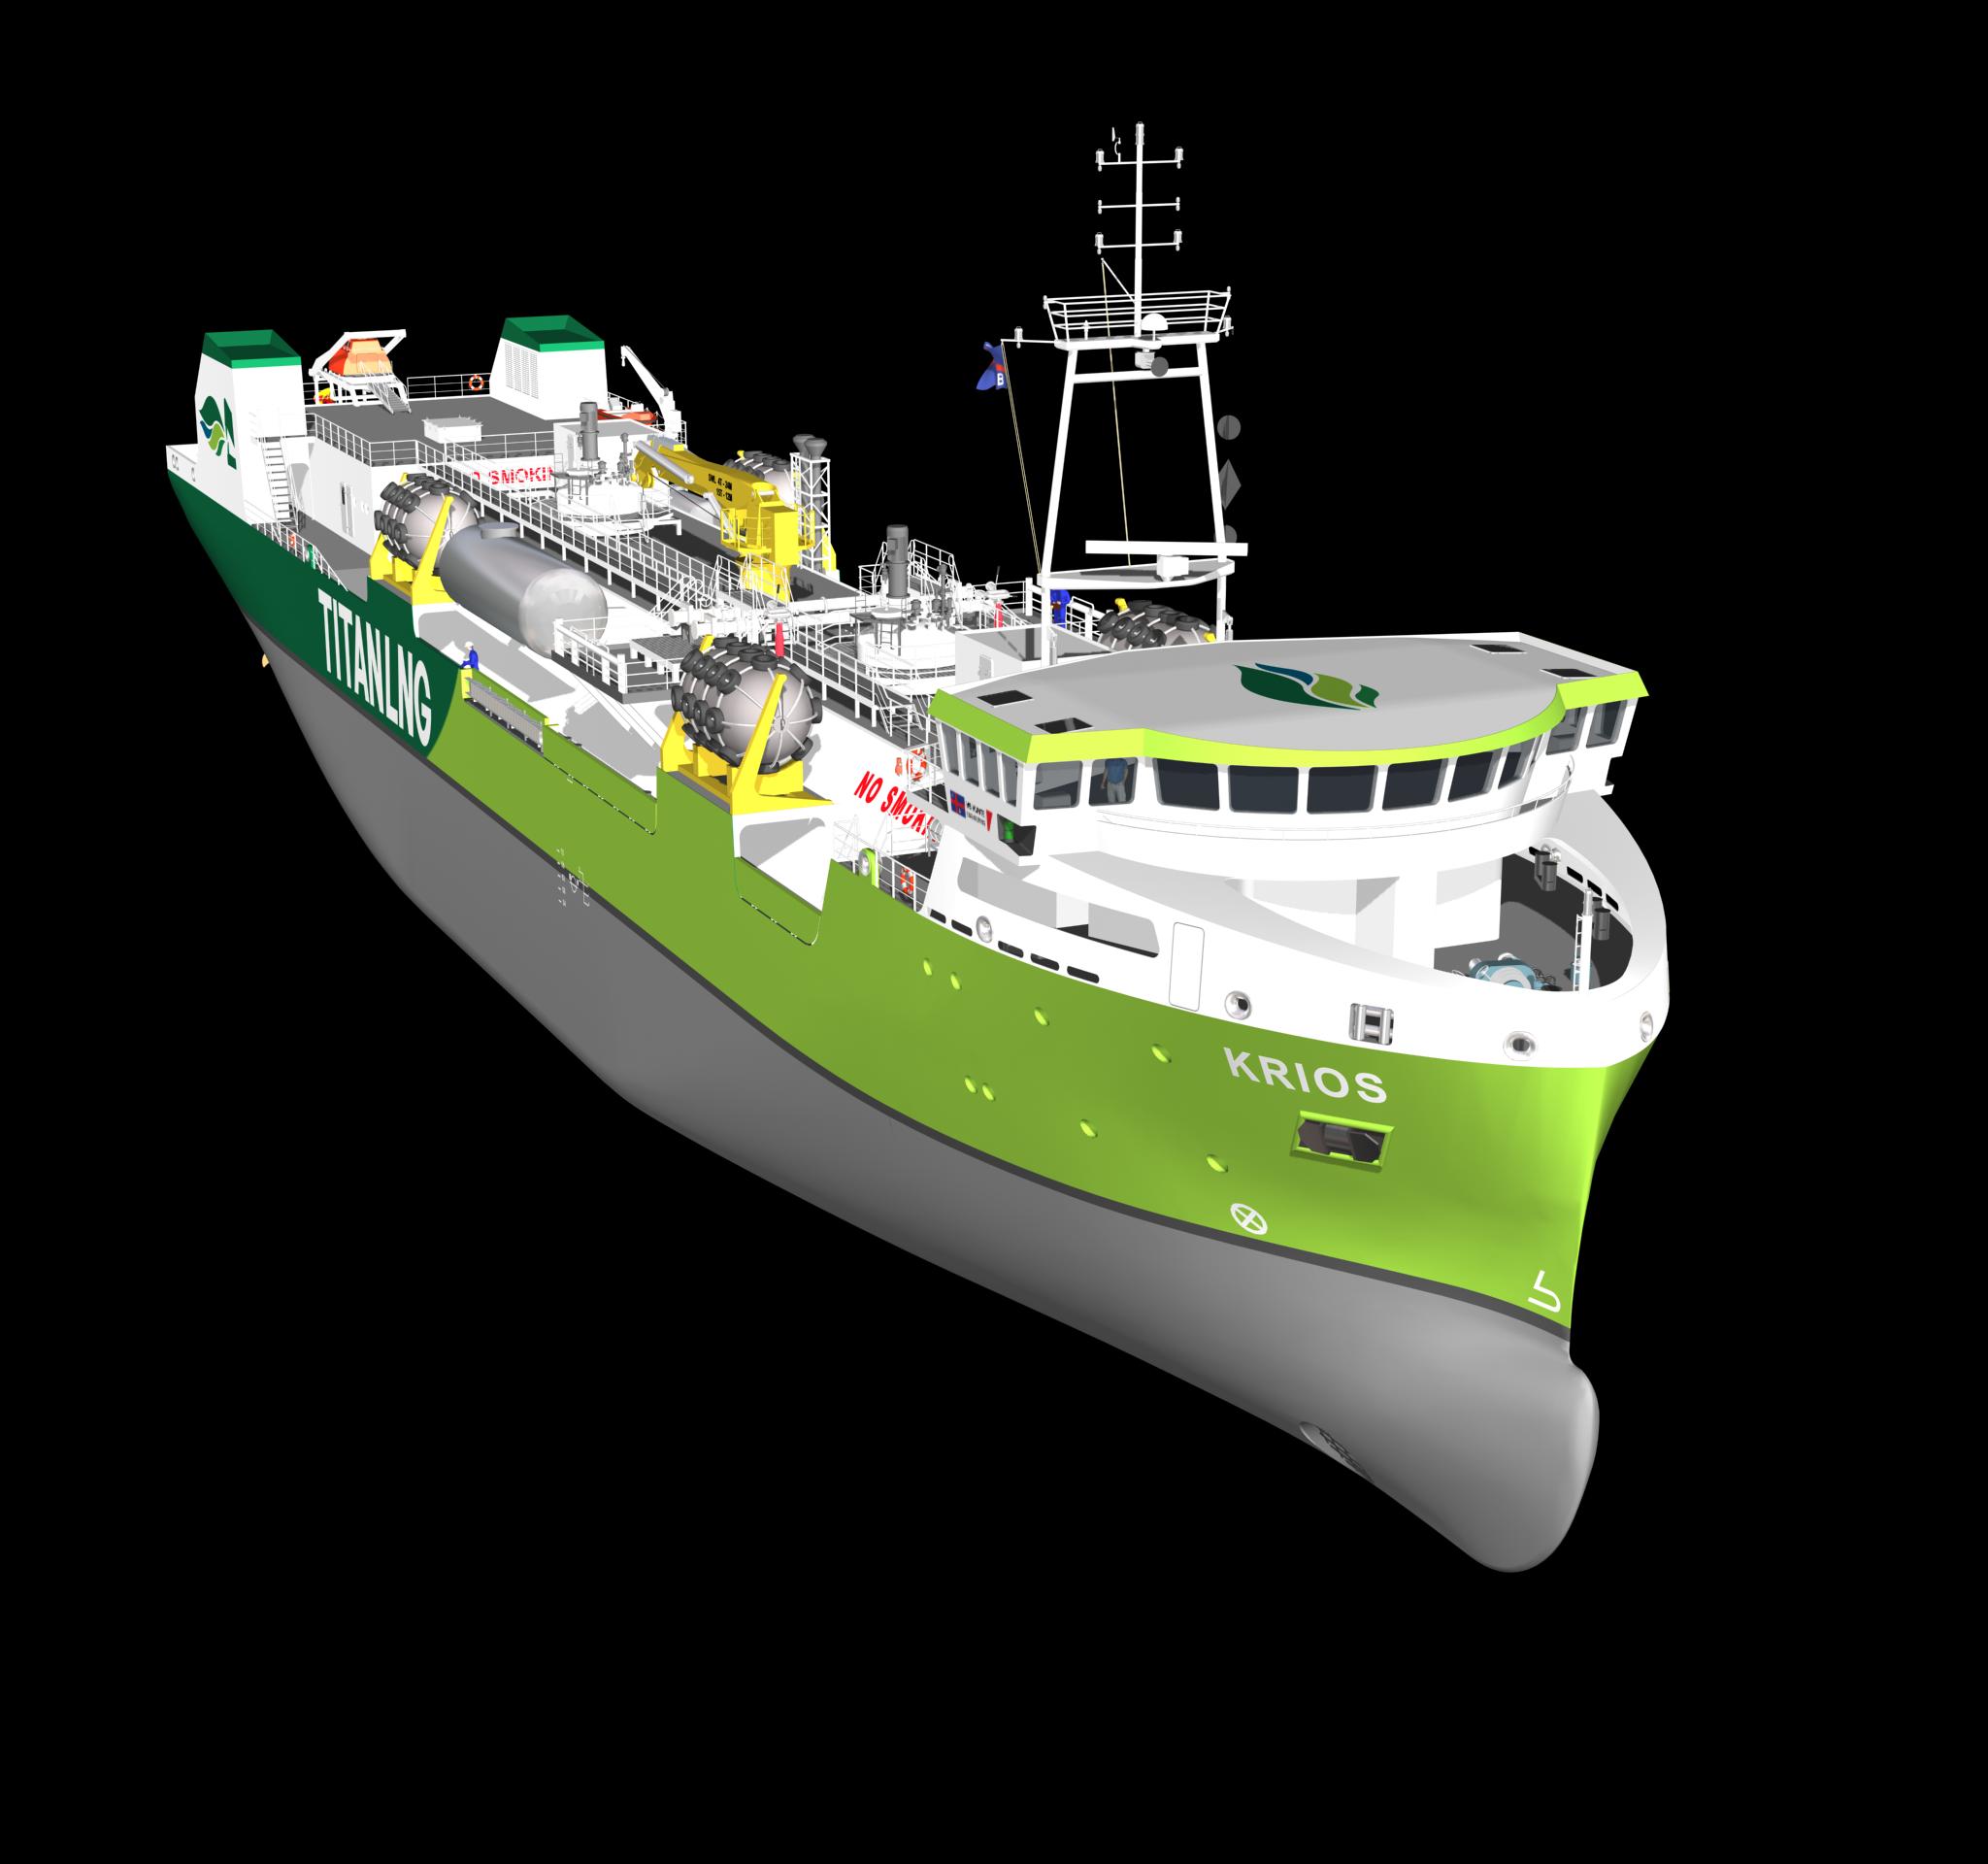 De Krios, het derde eigen schip van Titan LNG dat vanaf 2023 vanuit Zeebrugge ingezet wordt in Het Kanaal. (Illustratie Titan LNG)